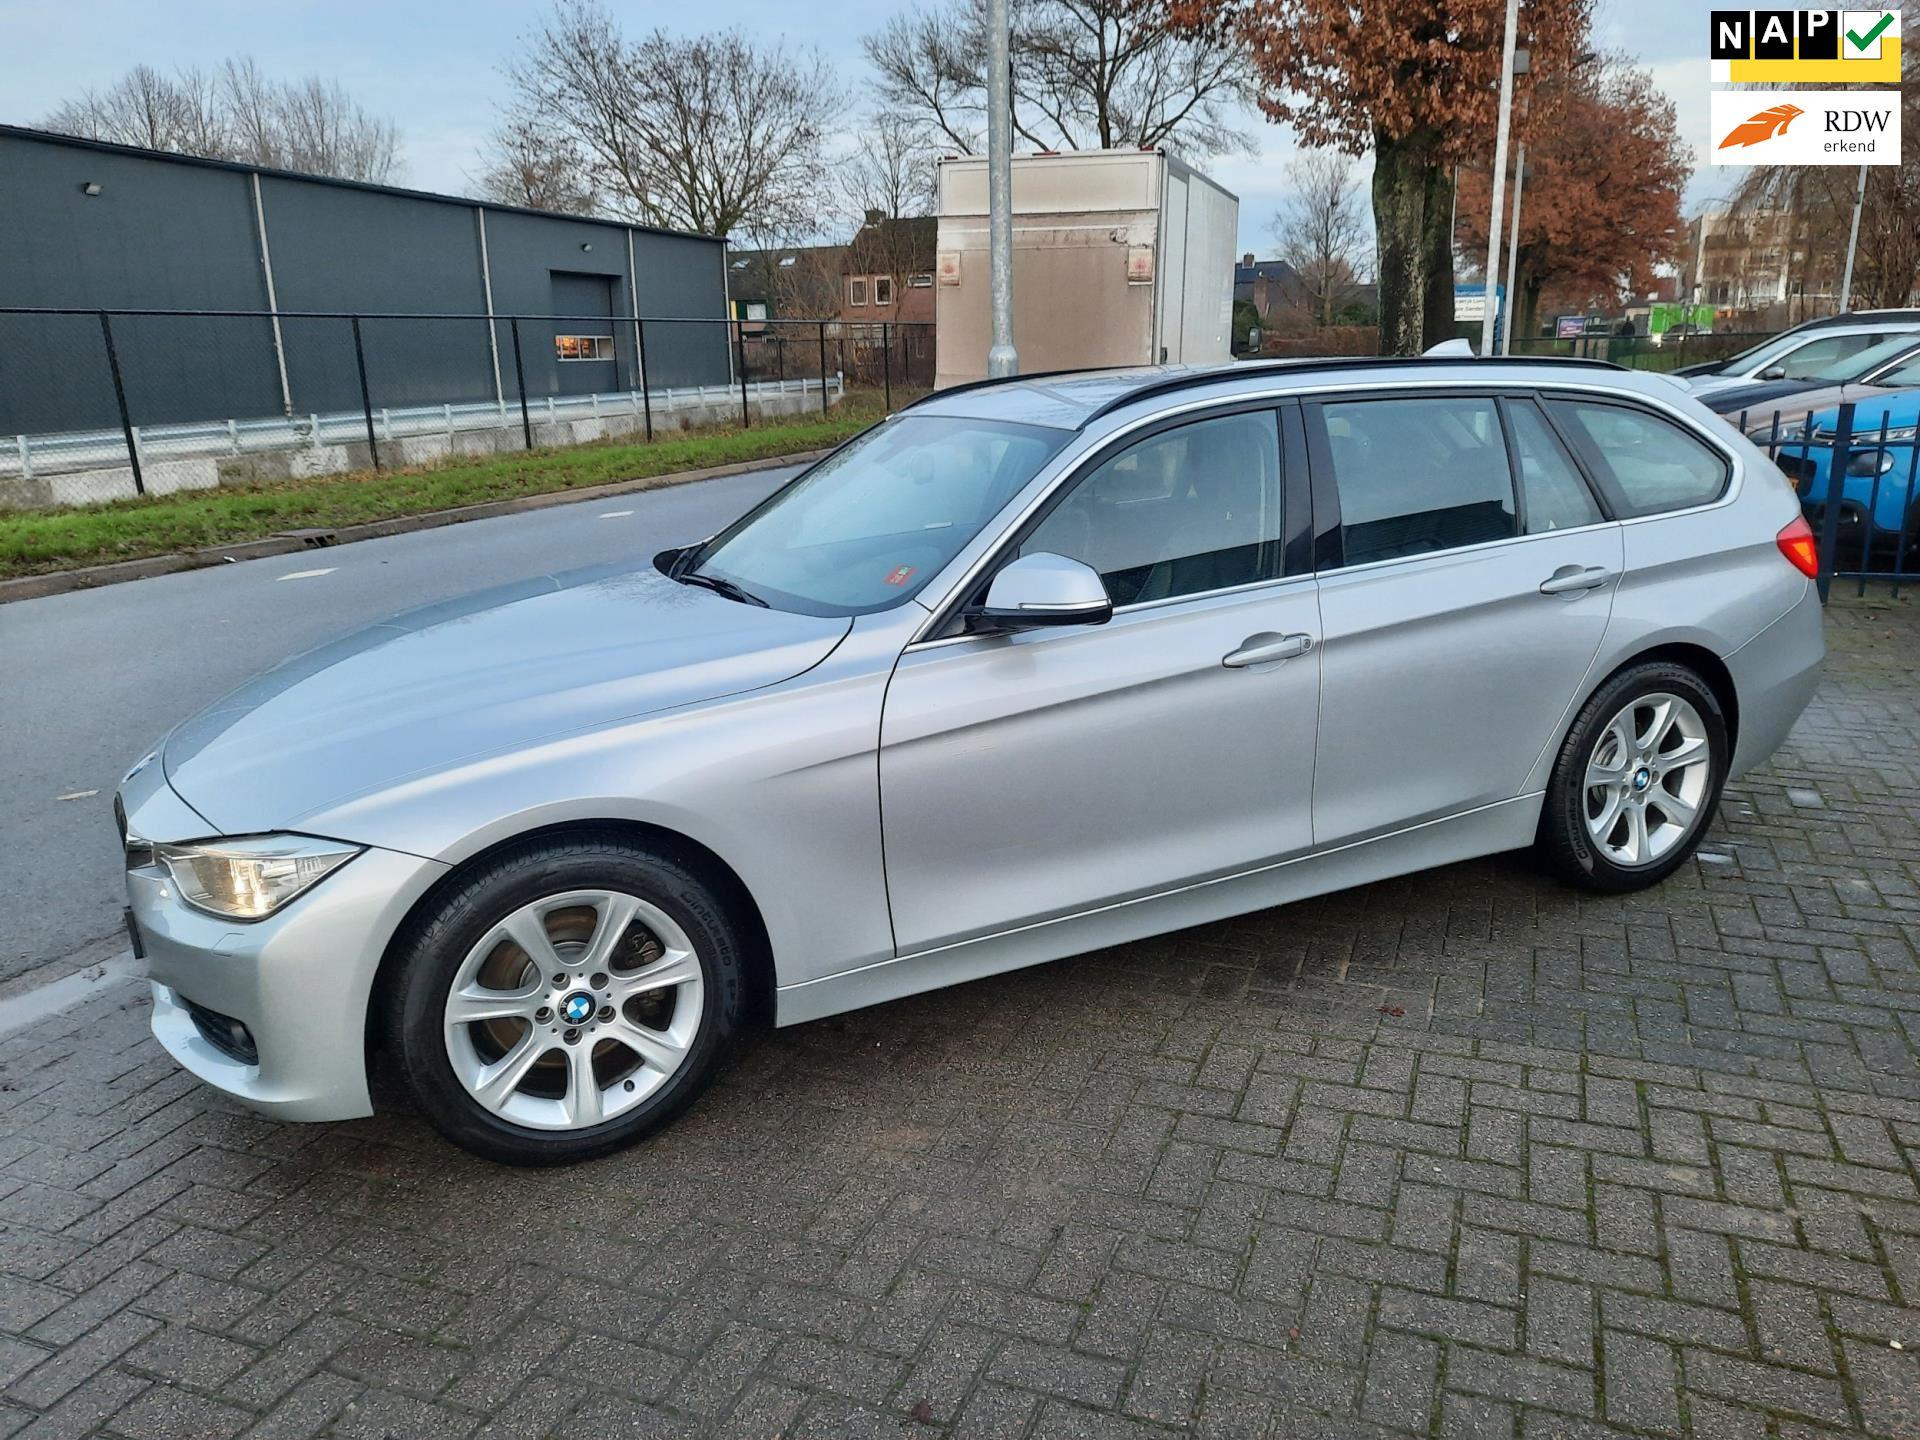 BMW 3-serie Touring occasion - Autobedrijf T. van Noort